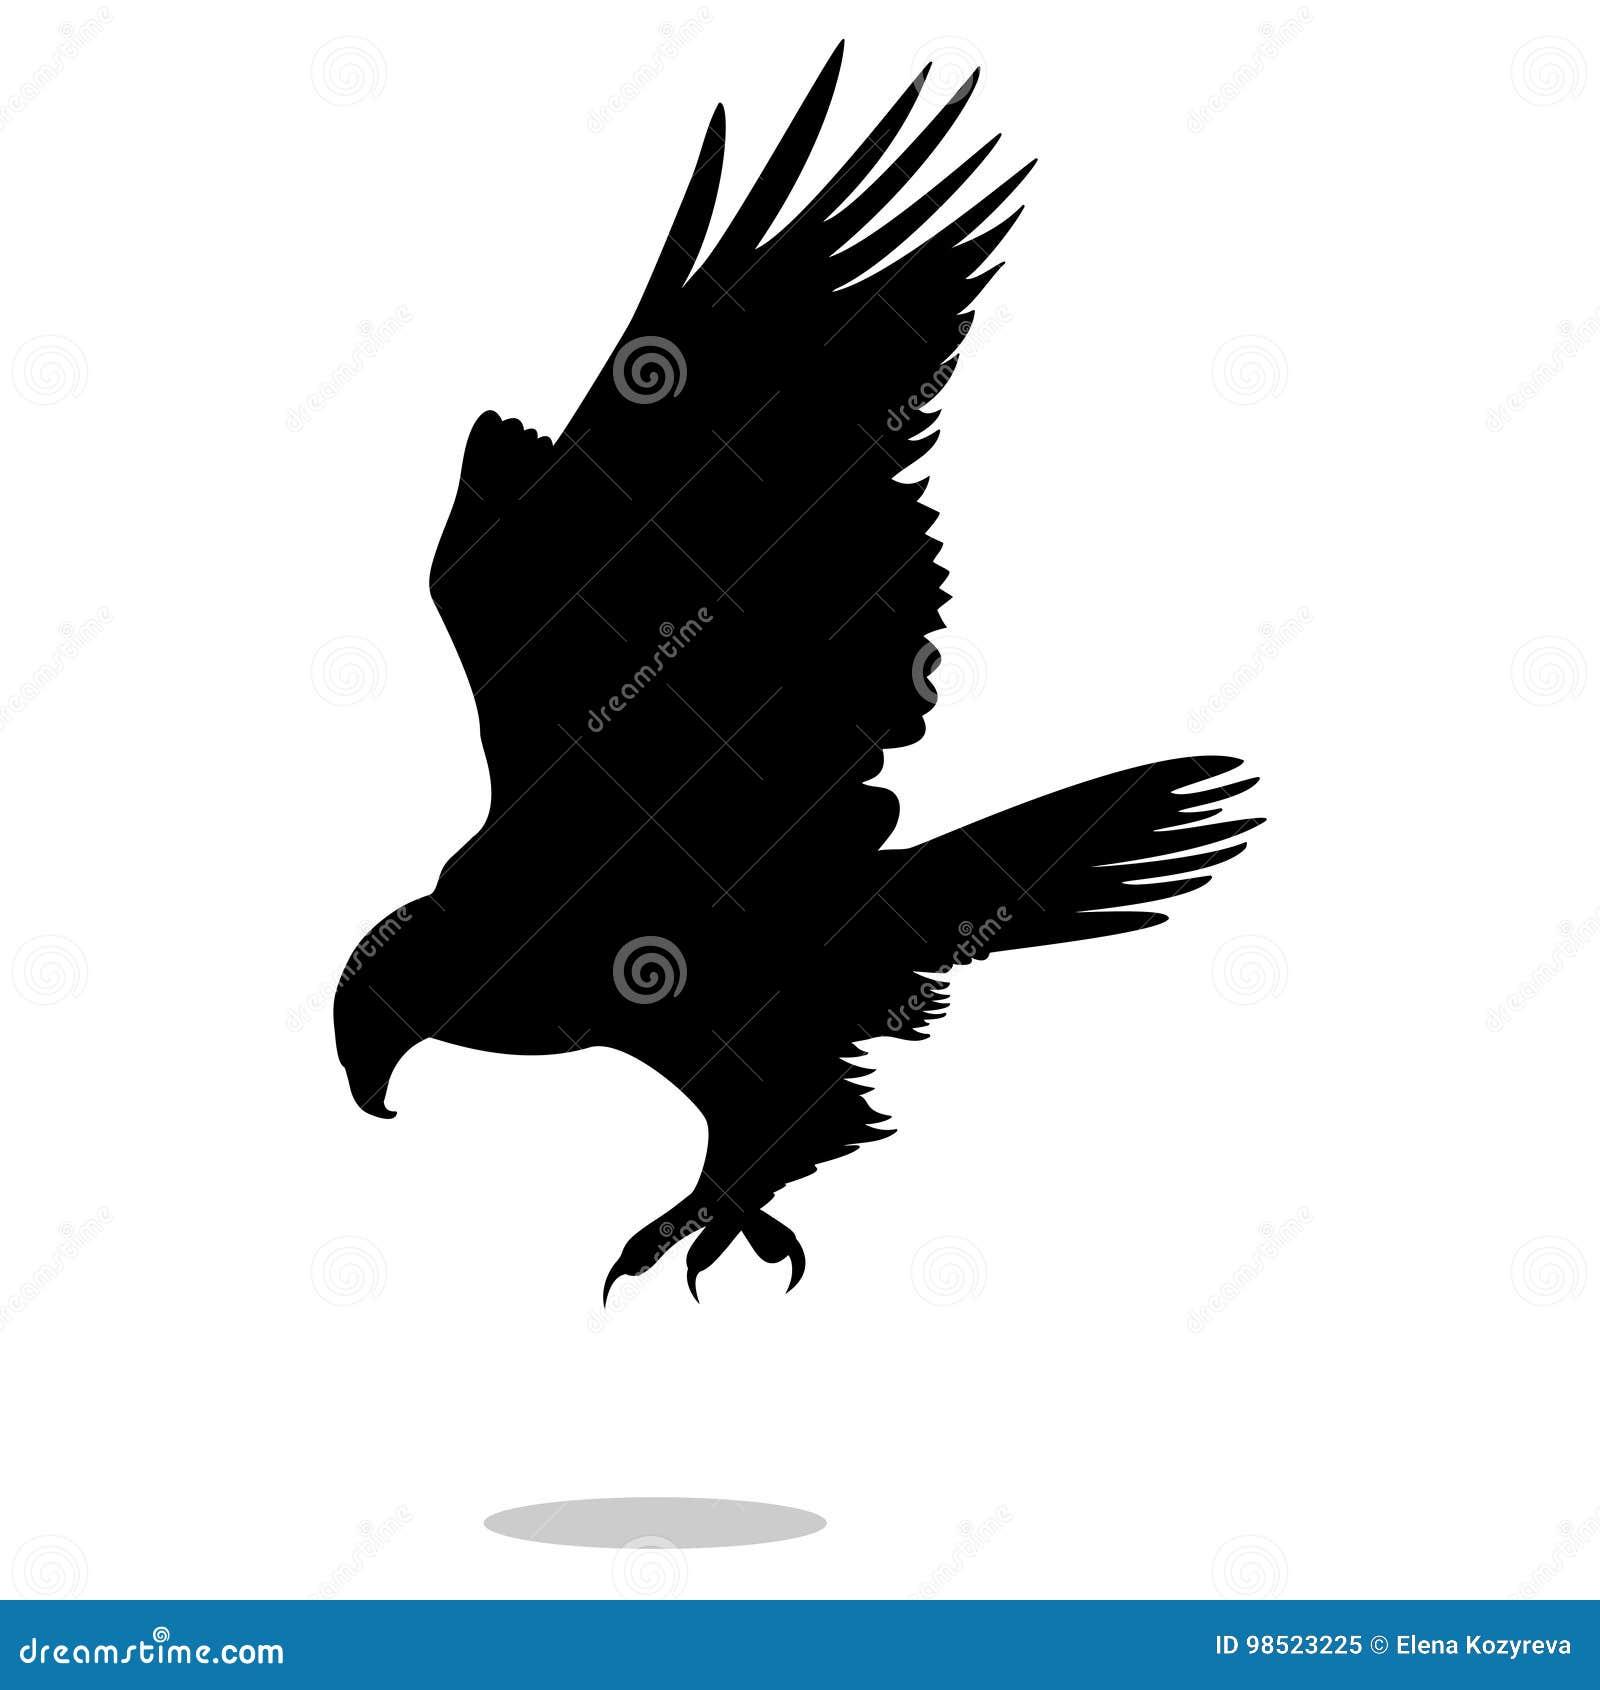 鹰老鹰猎鹰鸟黑色剪影动物